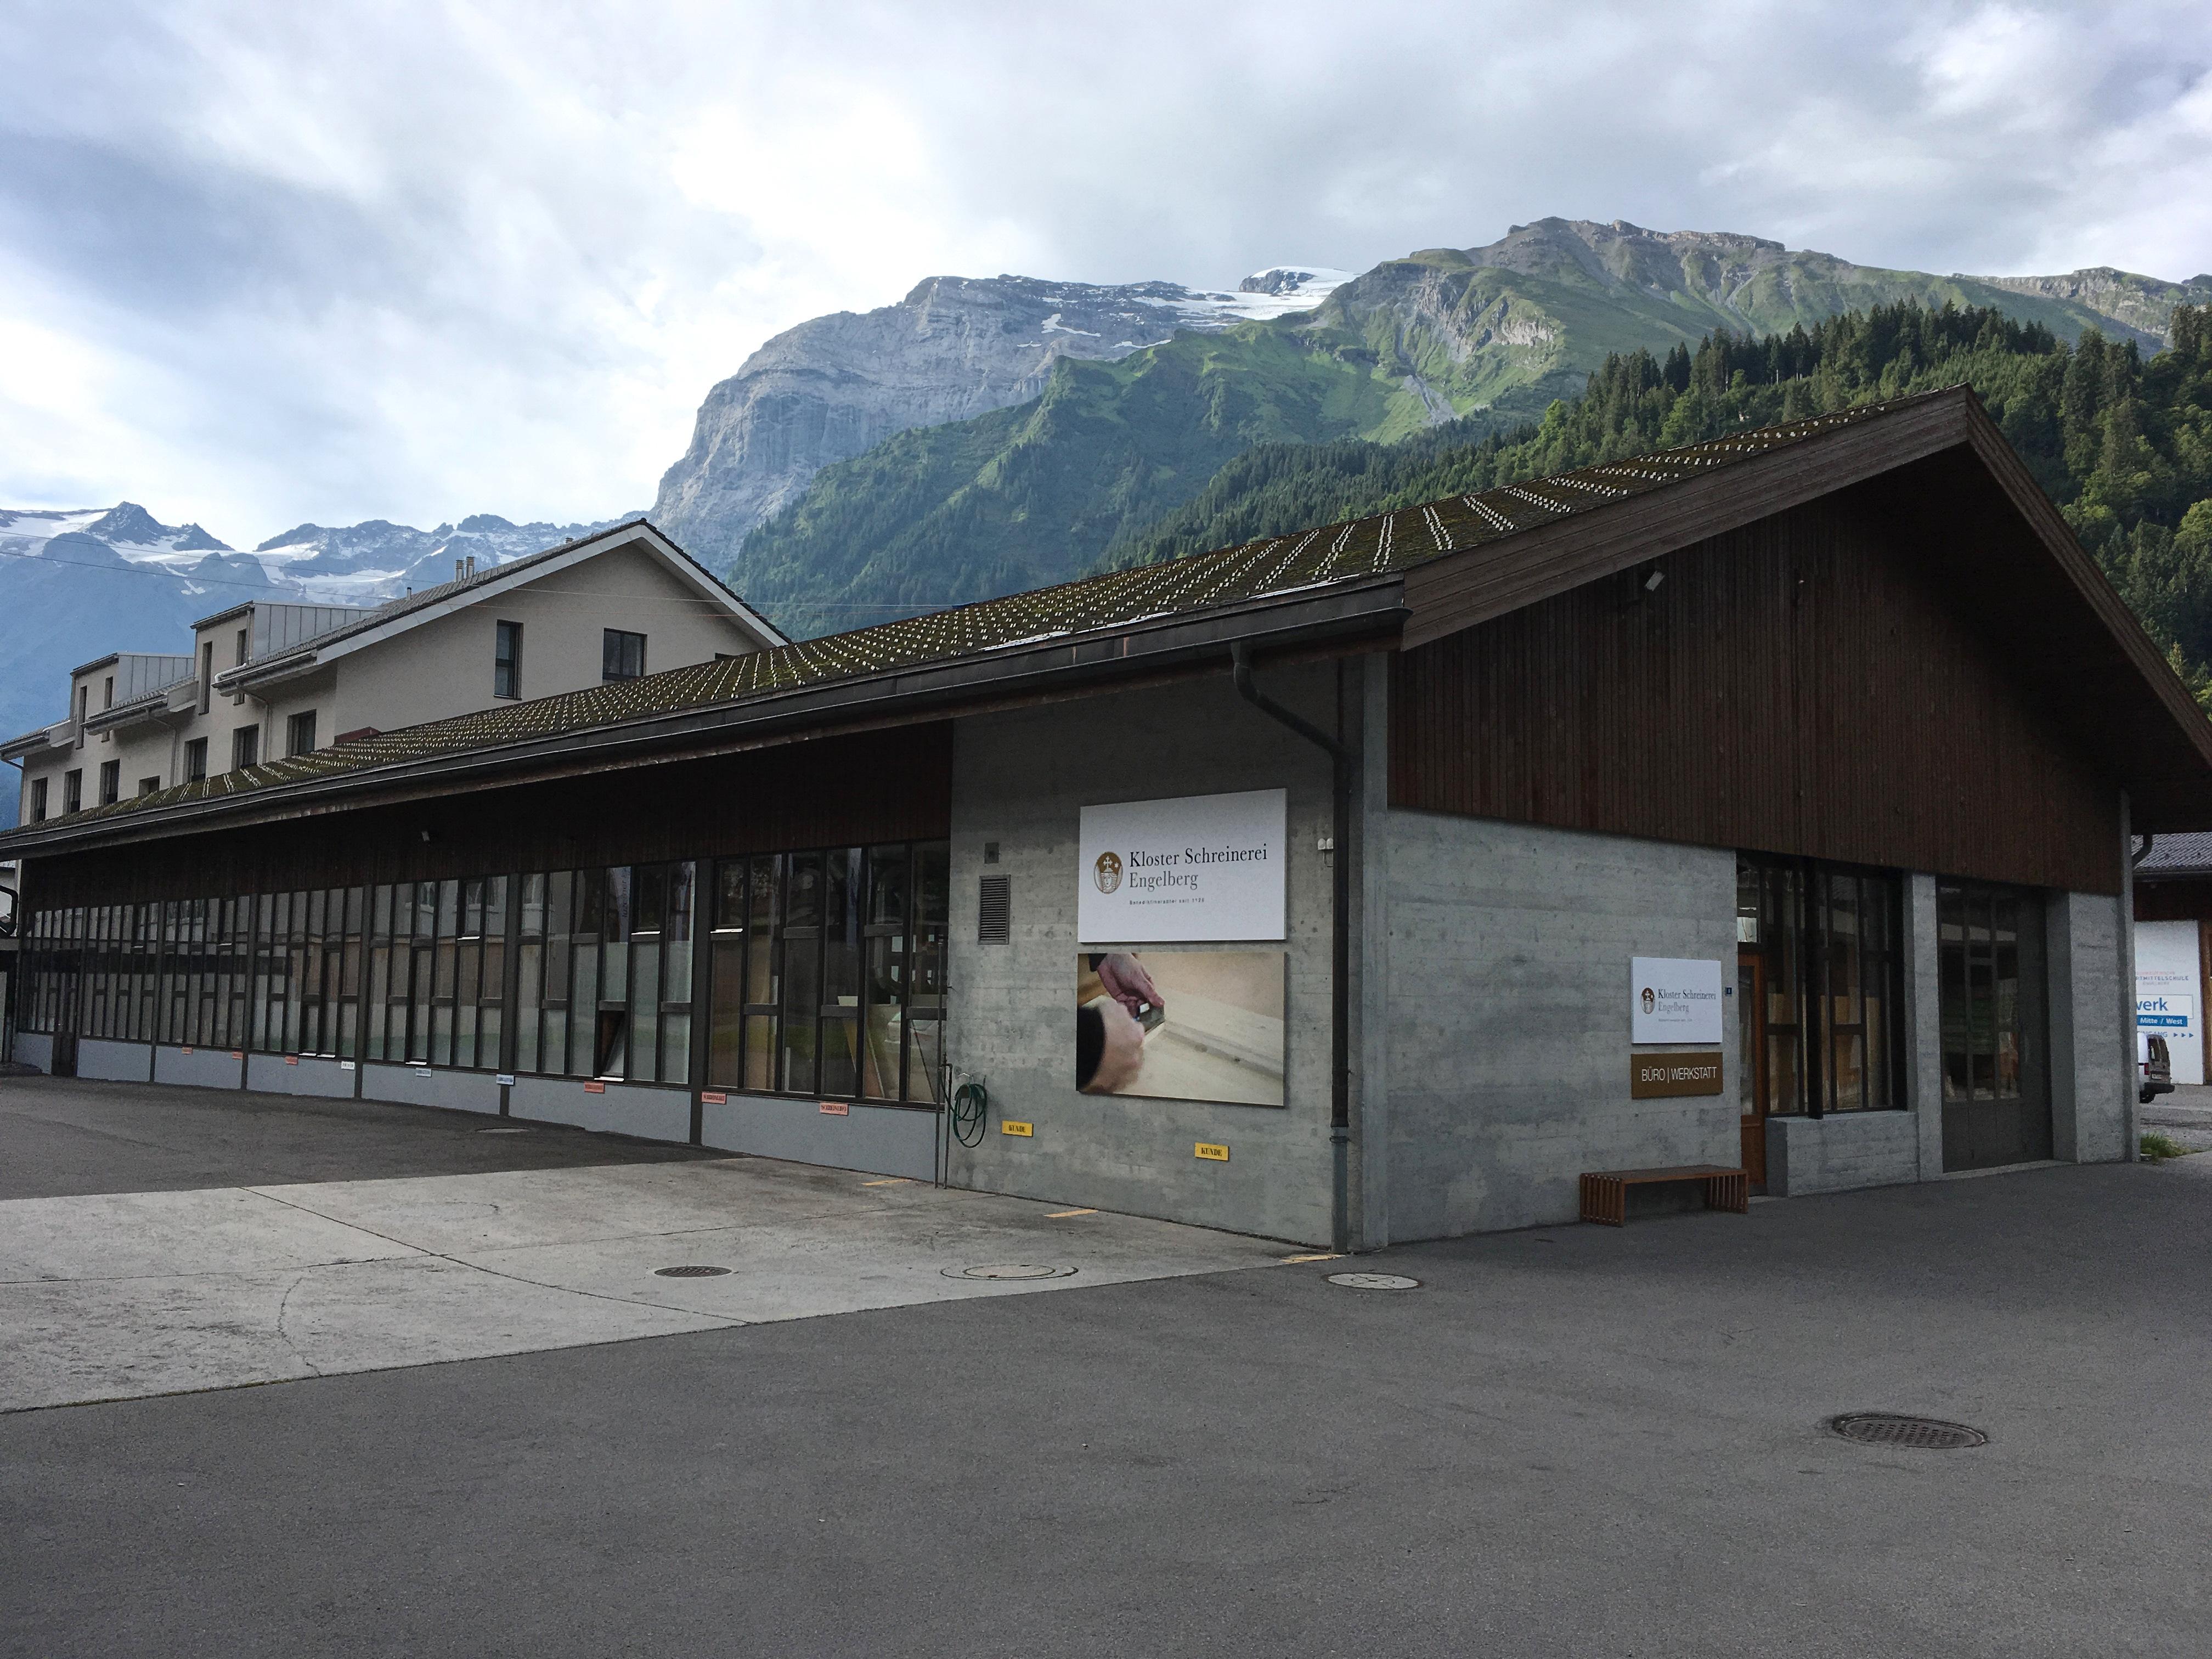 Kloster Schreinerei Engelberg